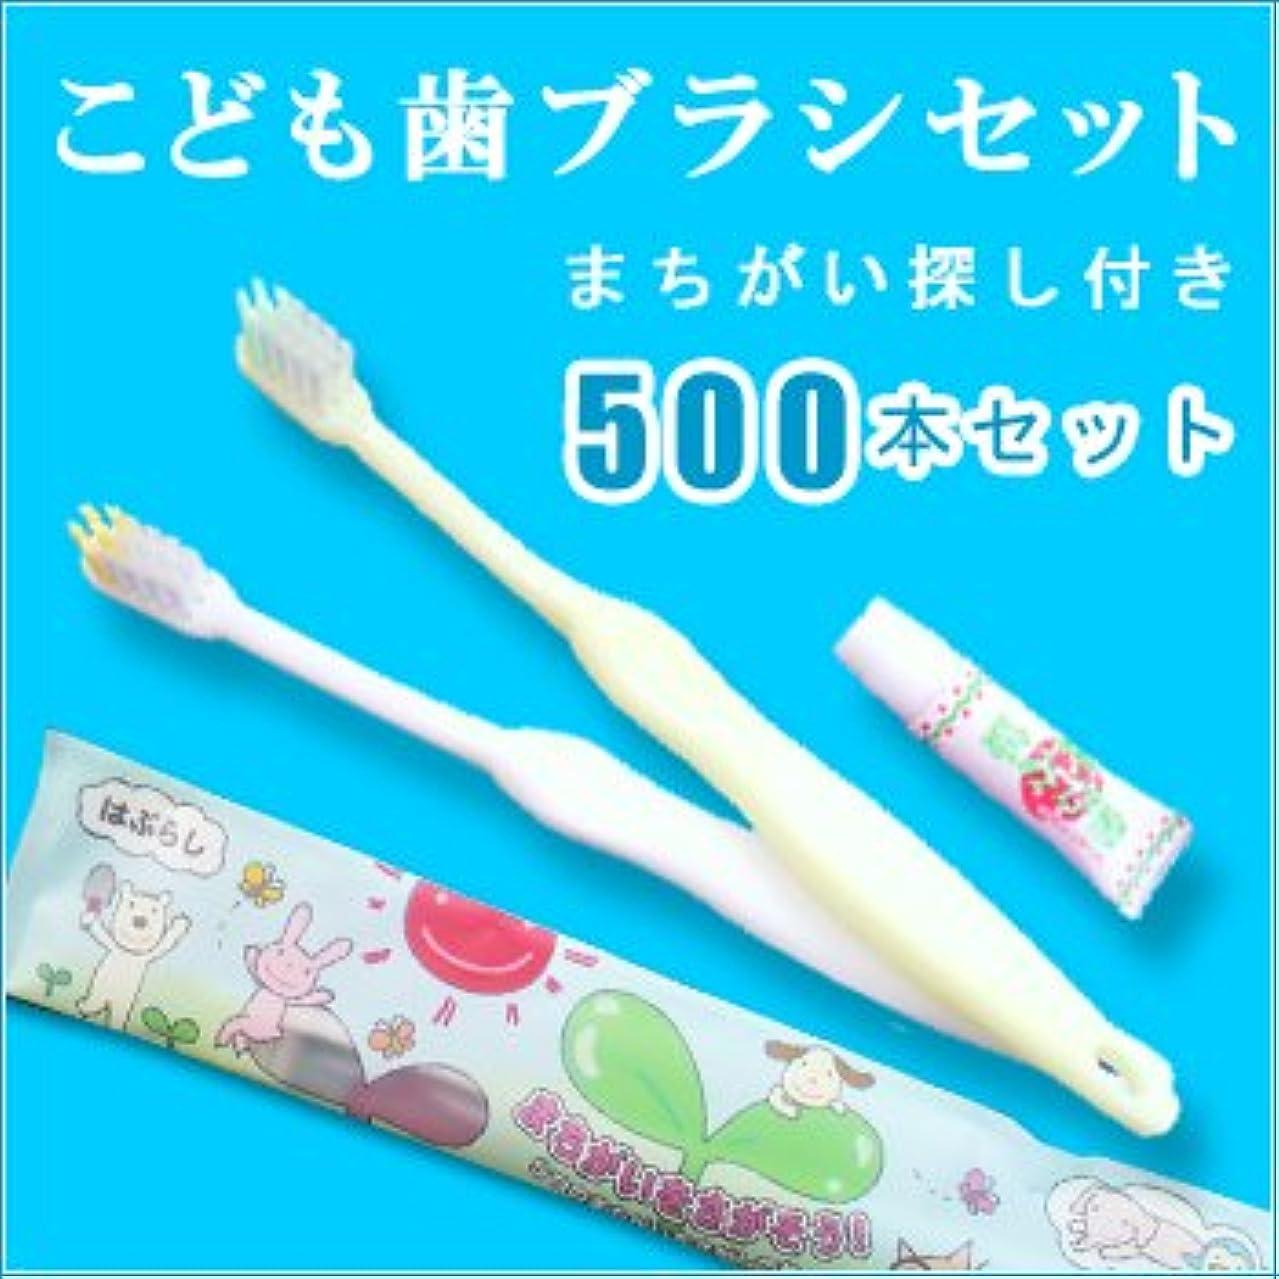 そのような病気ボードこども用歯ブラシ いちご味の歯磨き粉 3gチューブ付 ホワイト?イエロー2色アソート(1セット500本)1本当たり34円